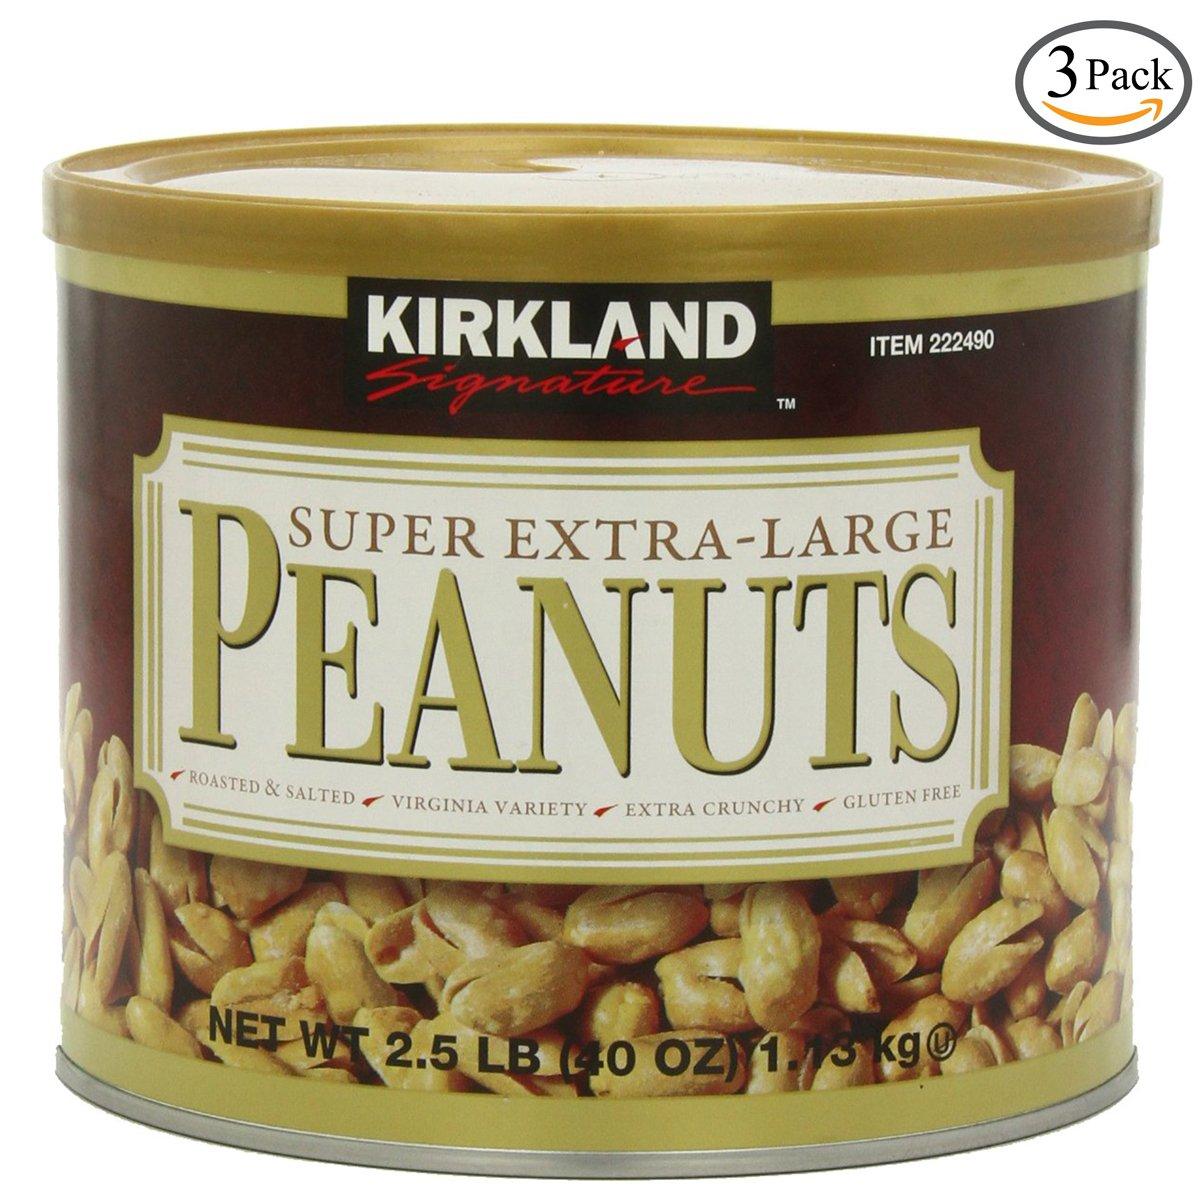 Kirkland Signature Super XL VA Peanuts, 40 Ounce, 2 Pack by Kirkland Signature